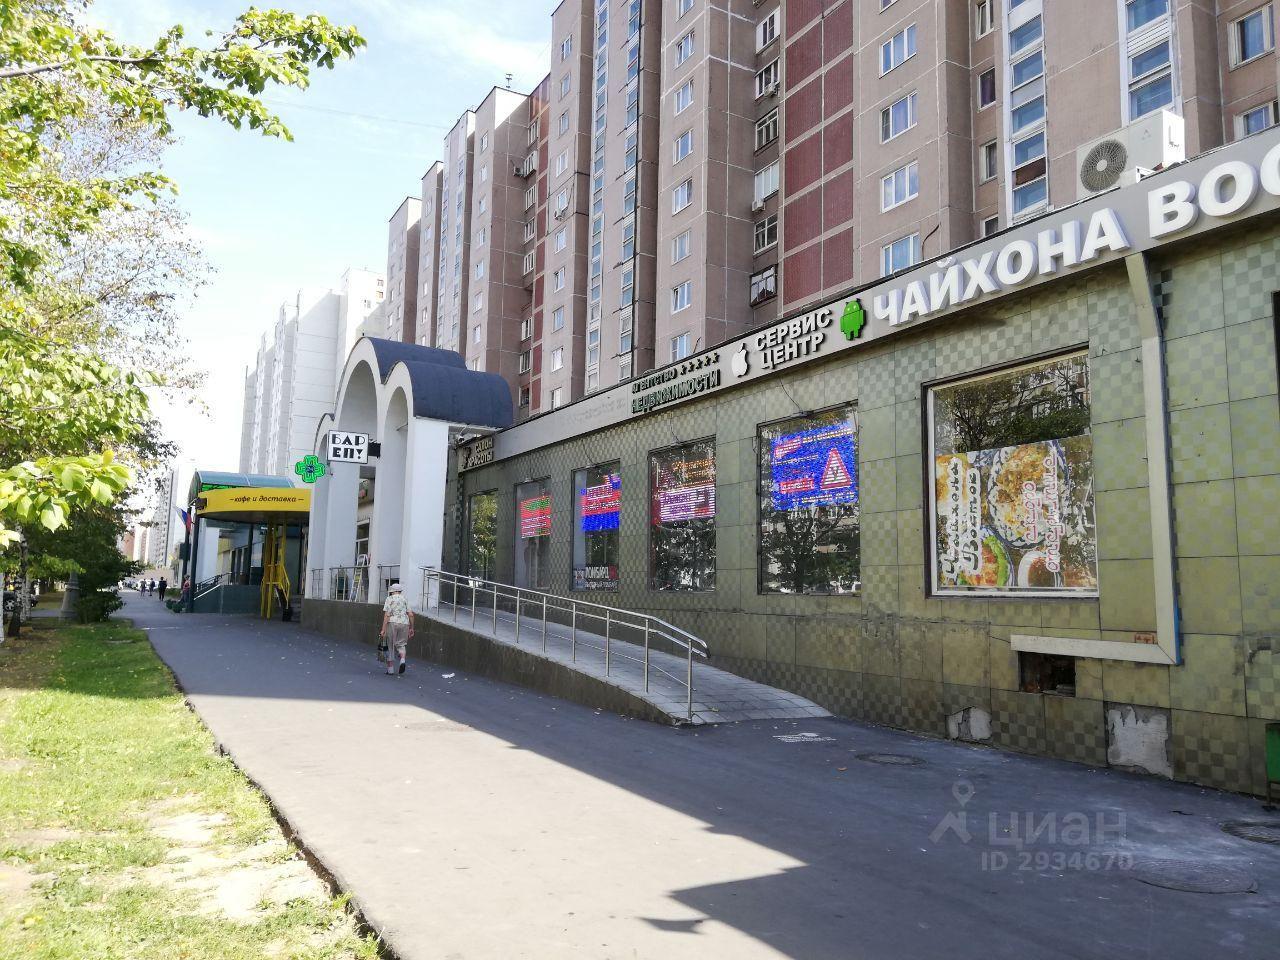 Коммерческая недвижимость Новомарьинская улица помещение для персонала Новокосинская улица